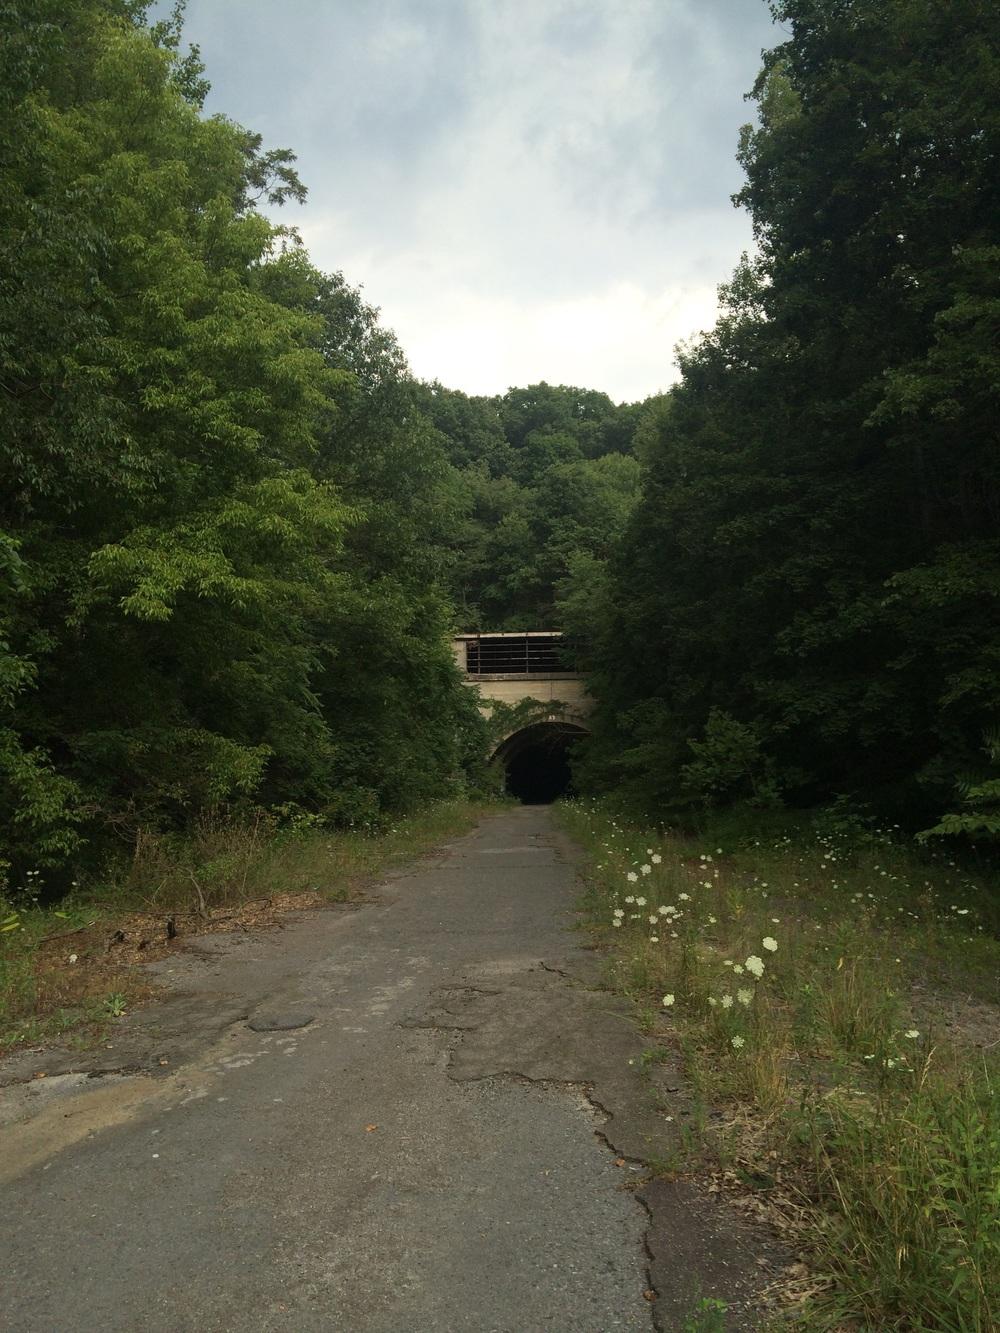 Abandoned PA Turnpike